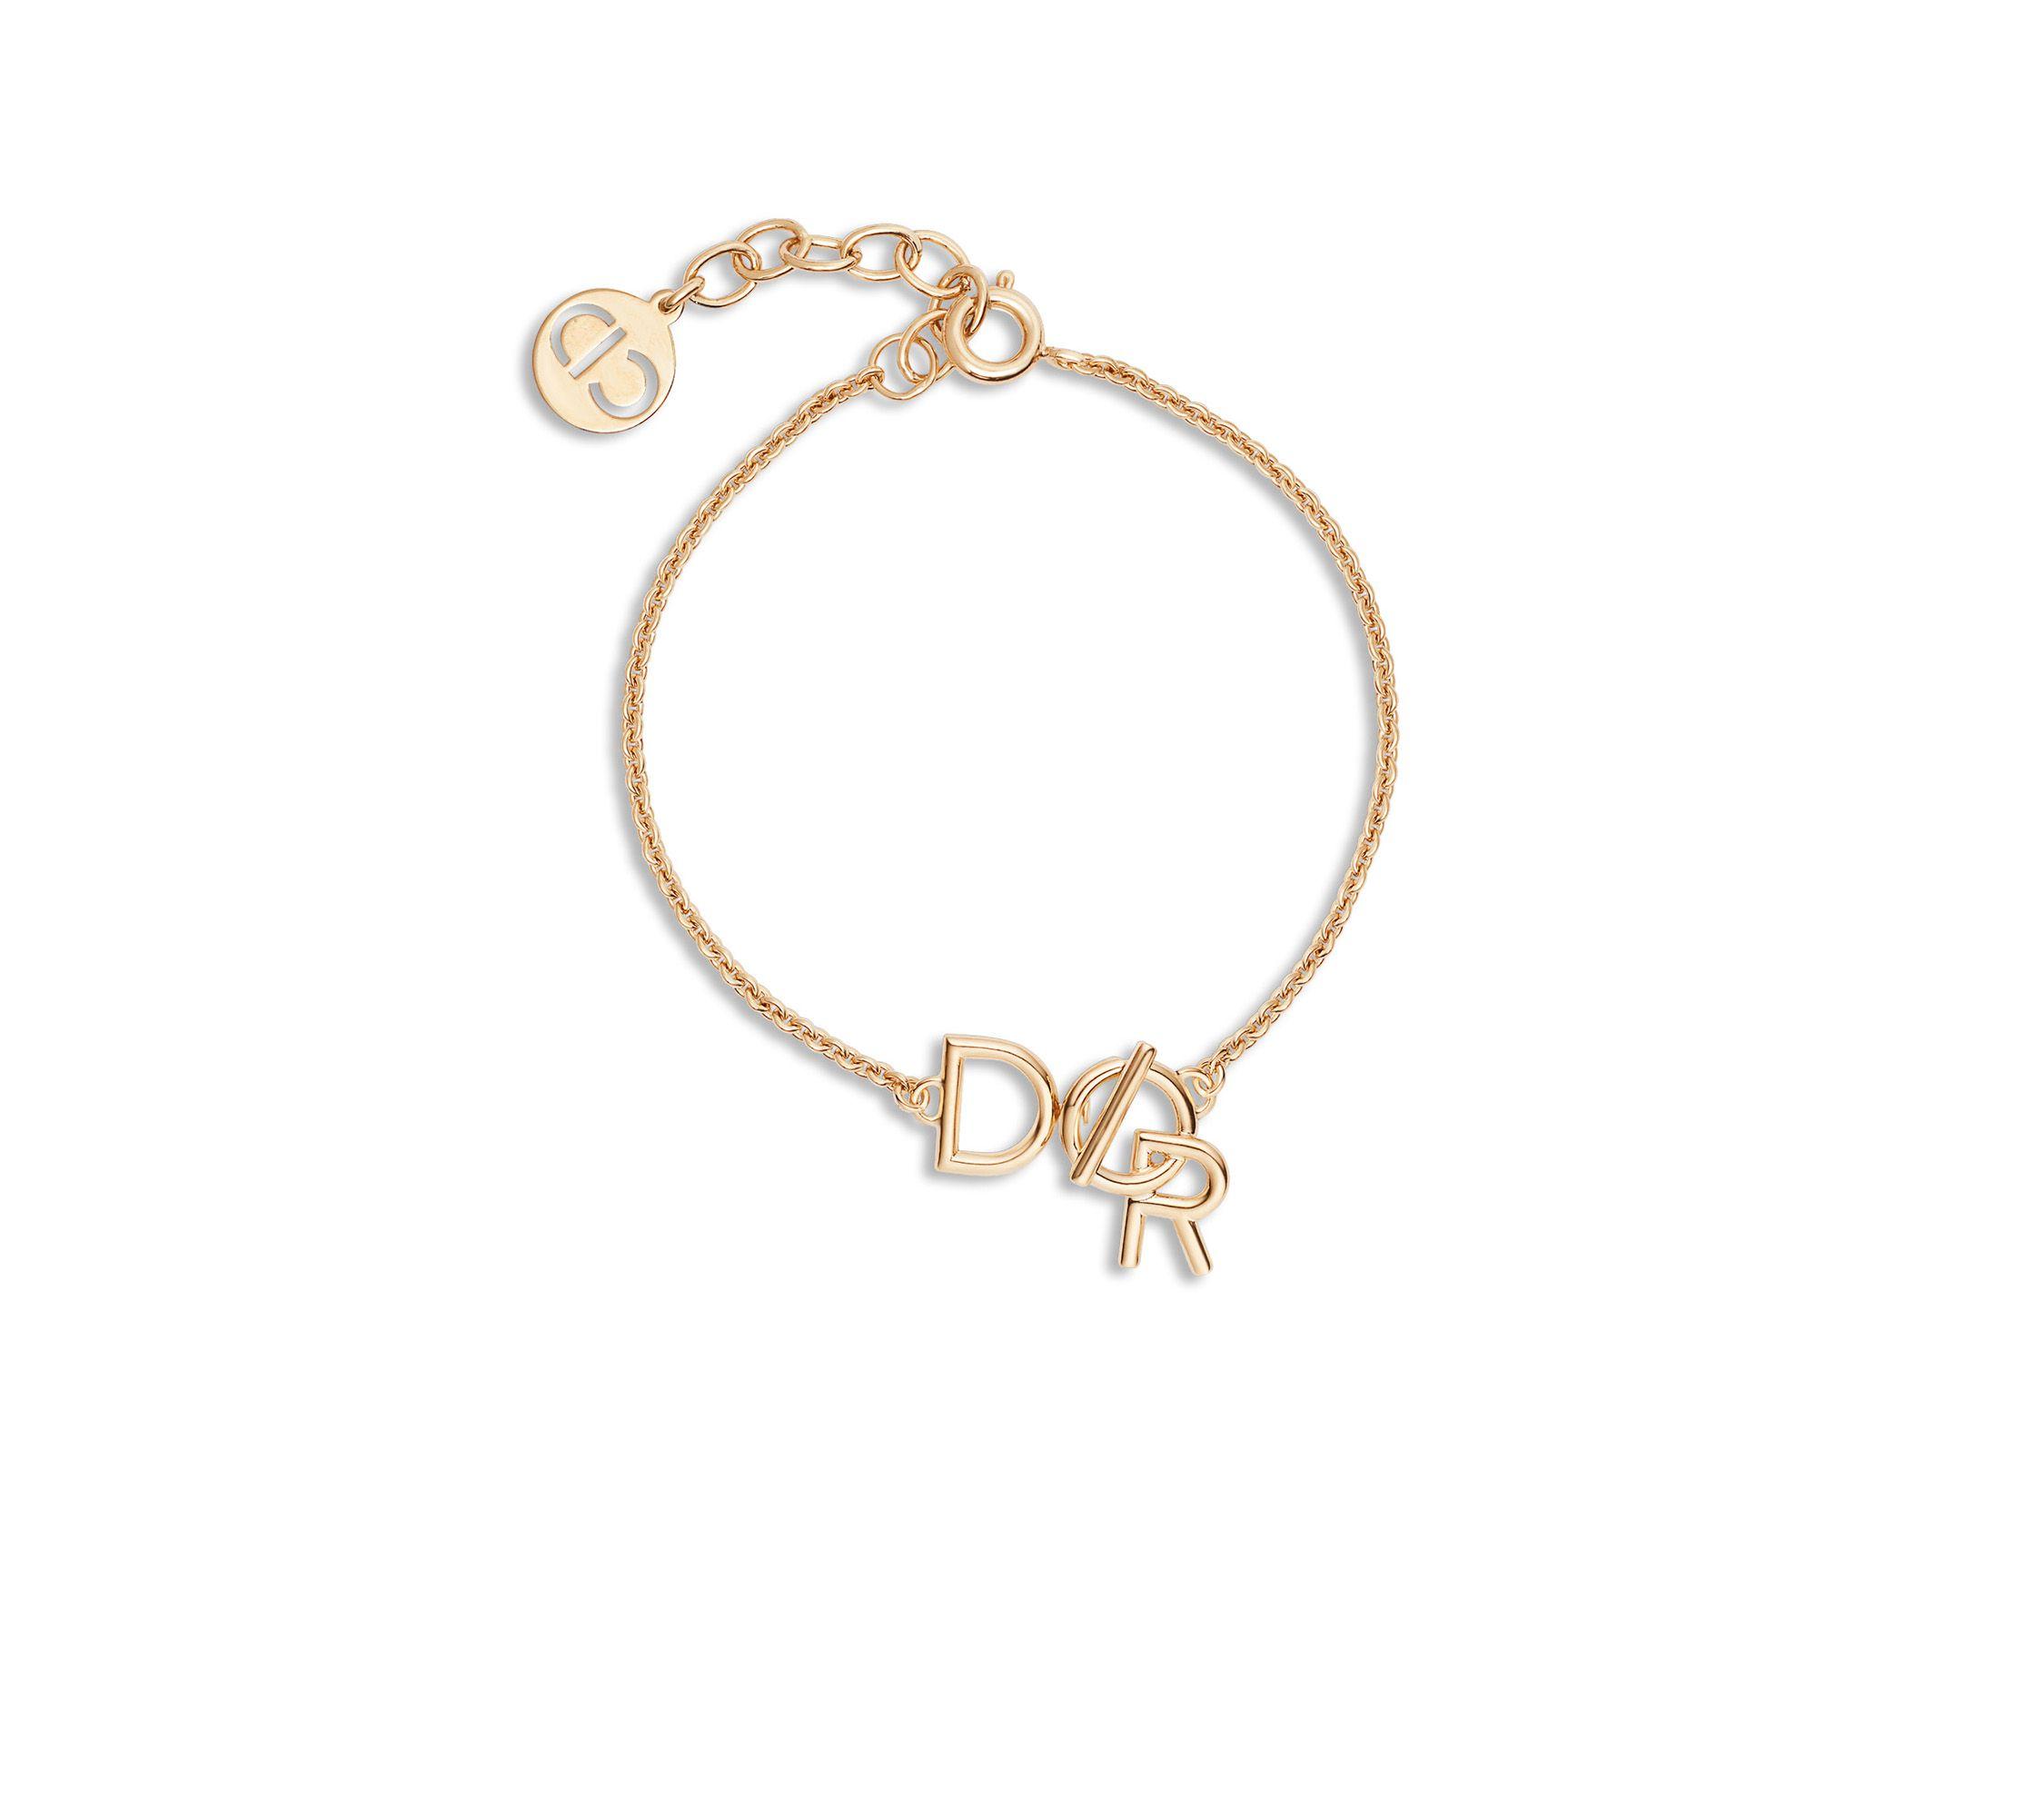 Fashion Silver//Gold Classique Lettre Bangle Bracelet